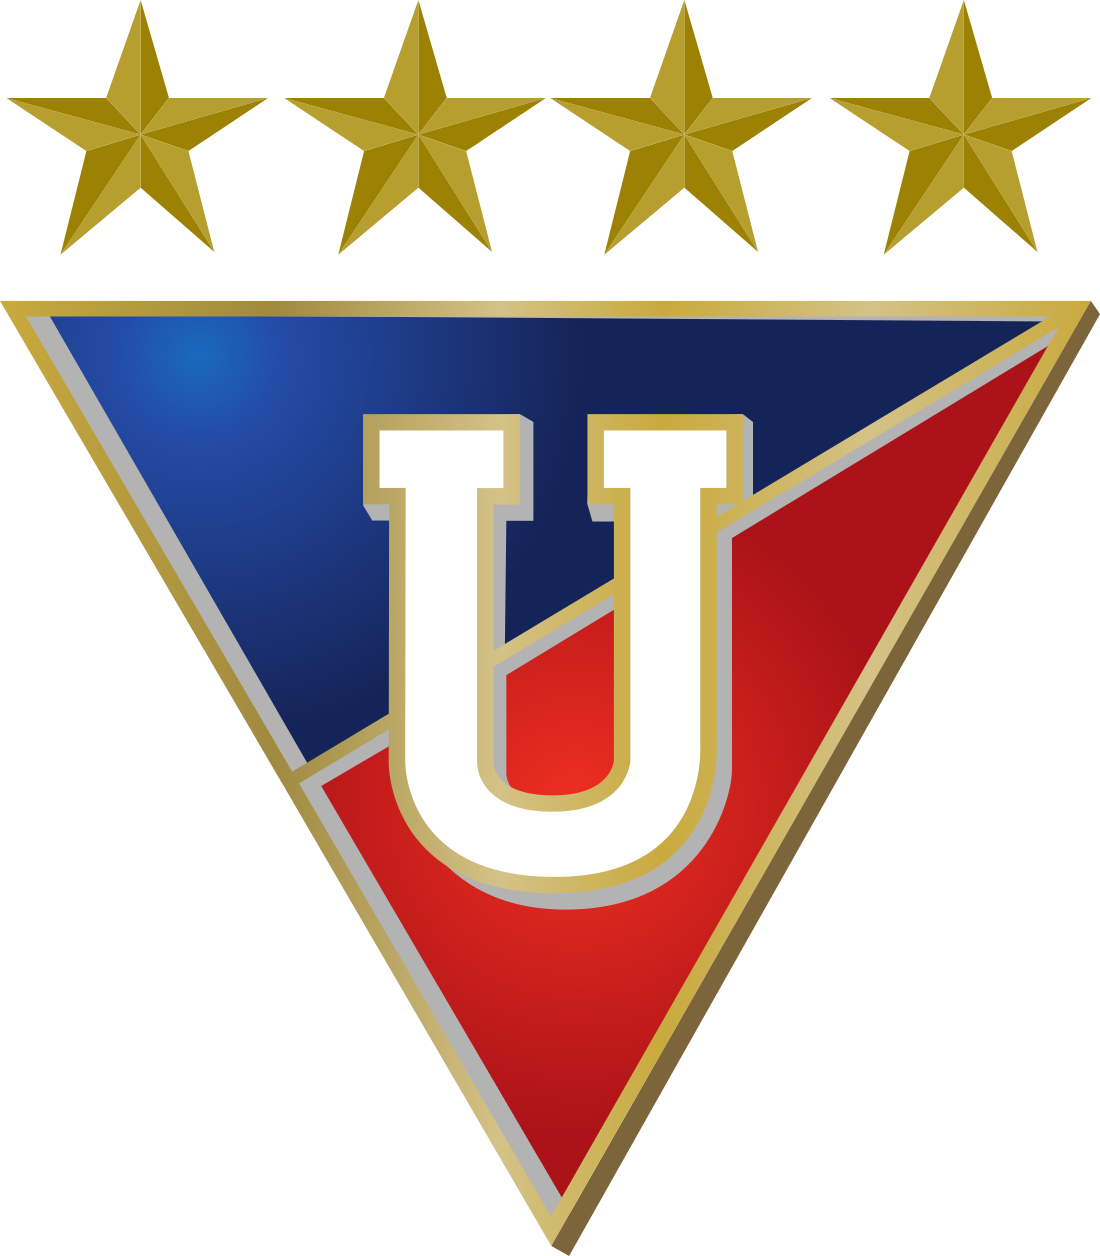 ldu logo 6 - LDU Logo - Liga Deportiva Universitaria de Quito Escudo